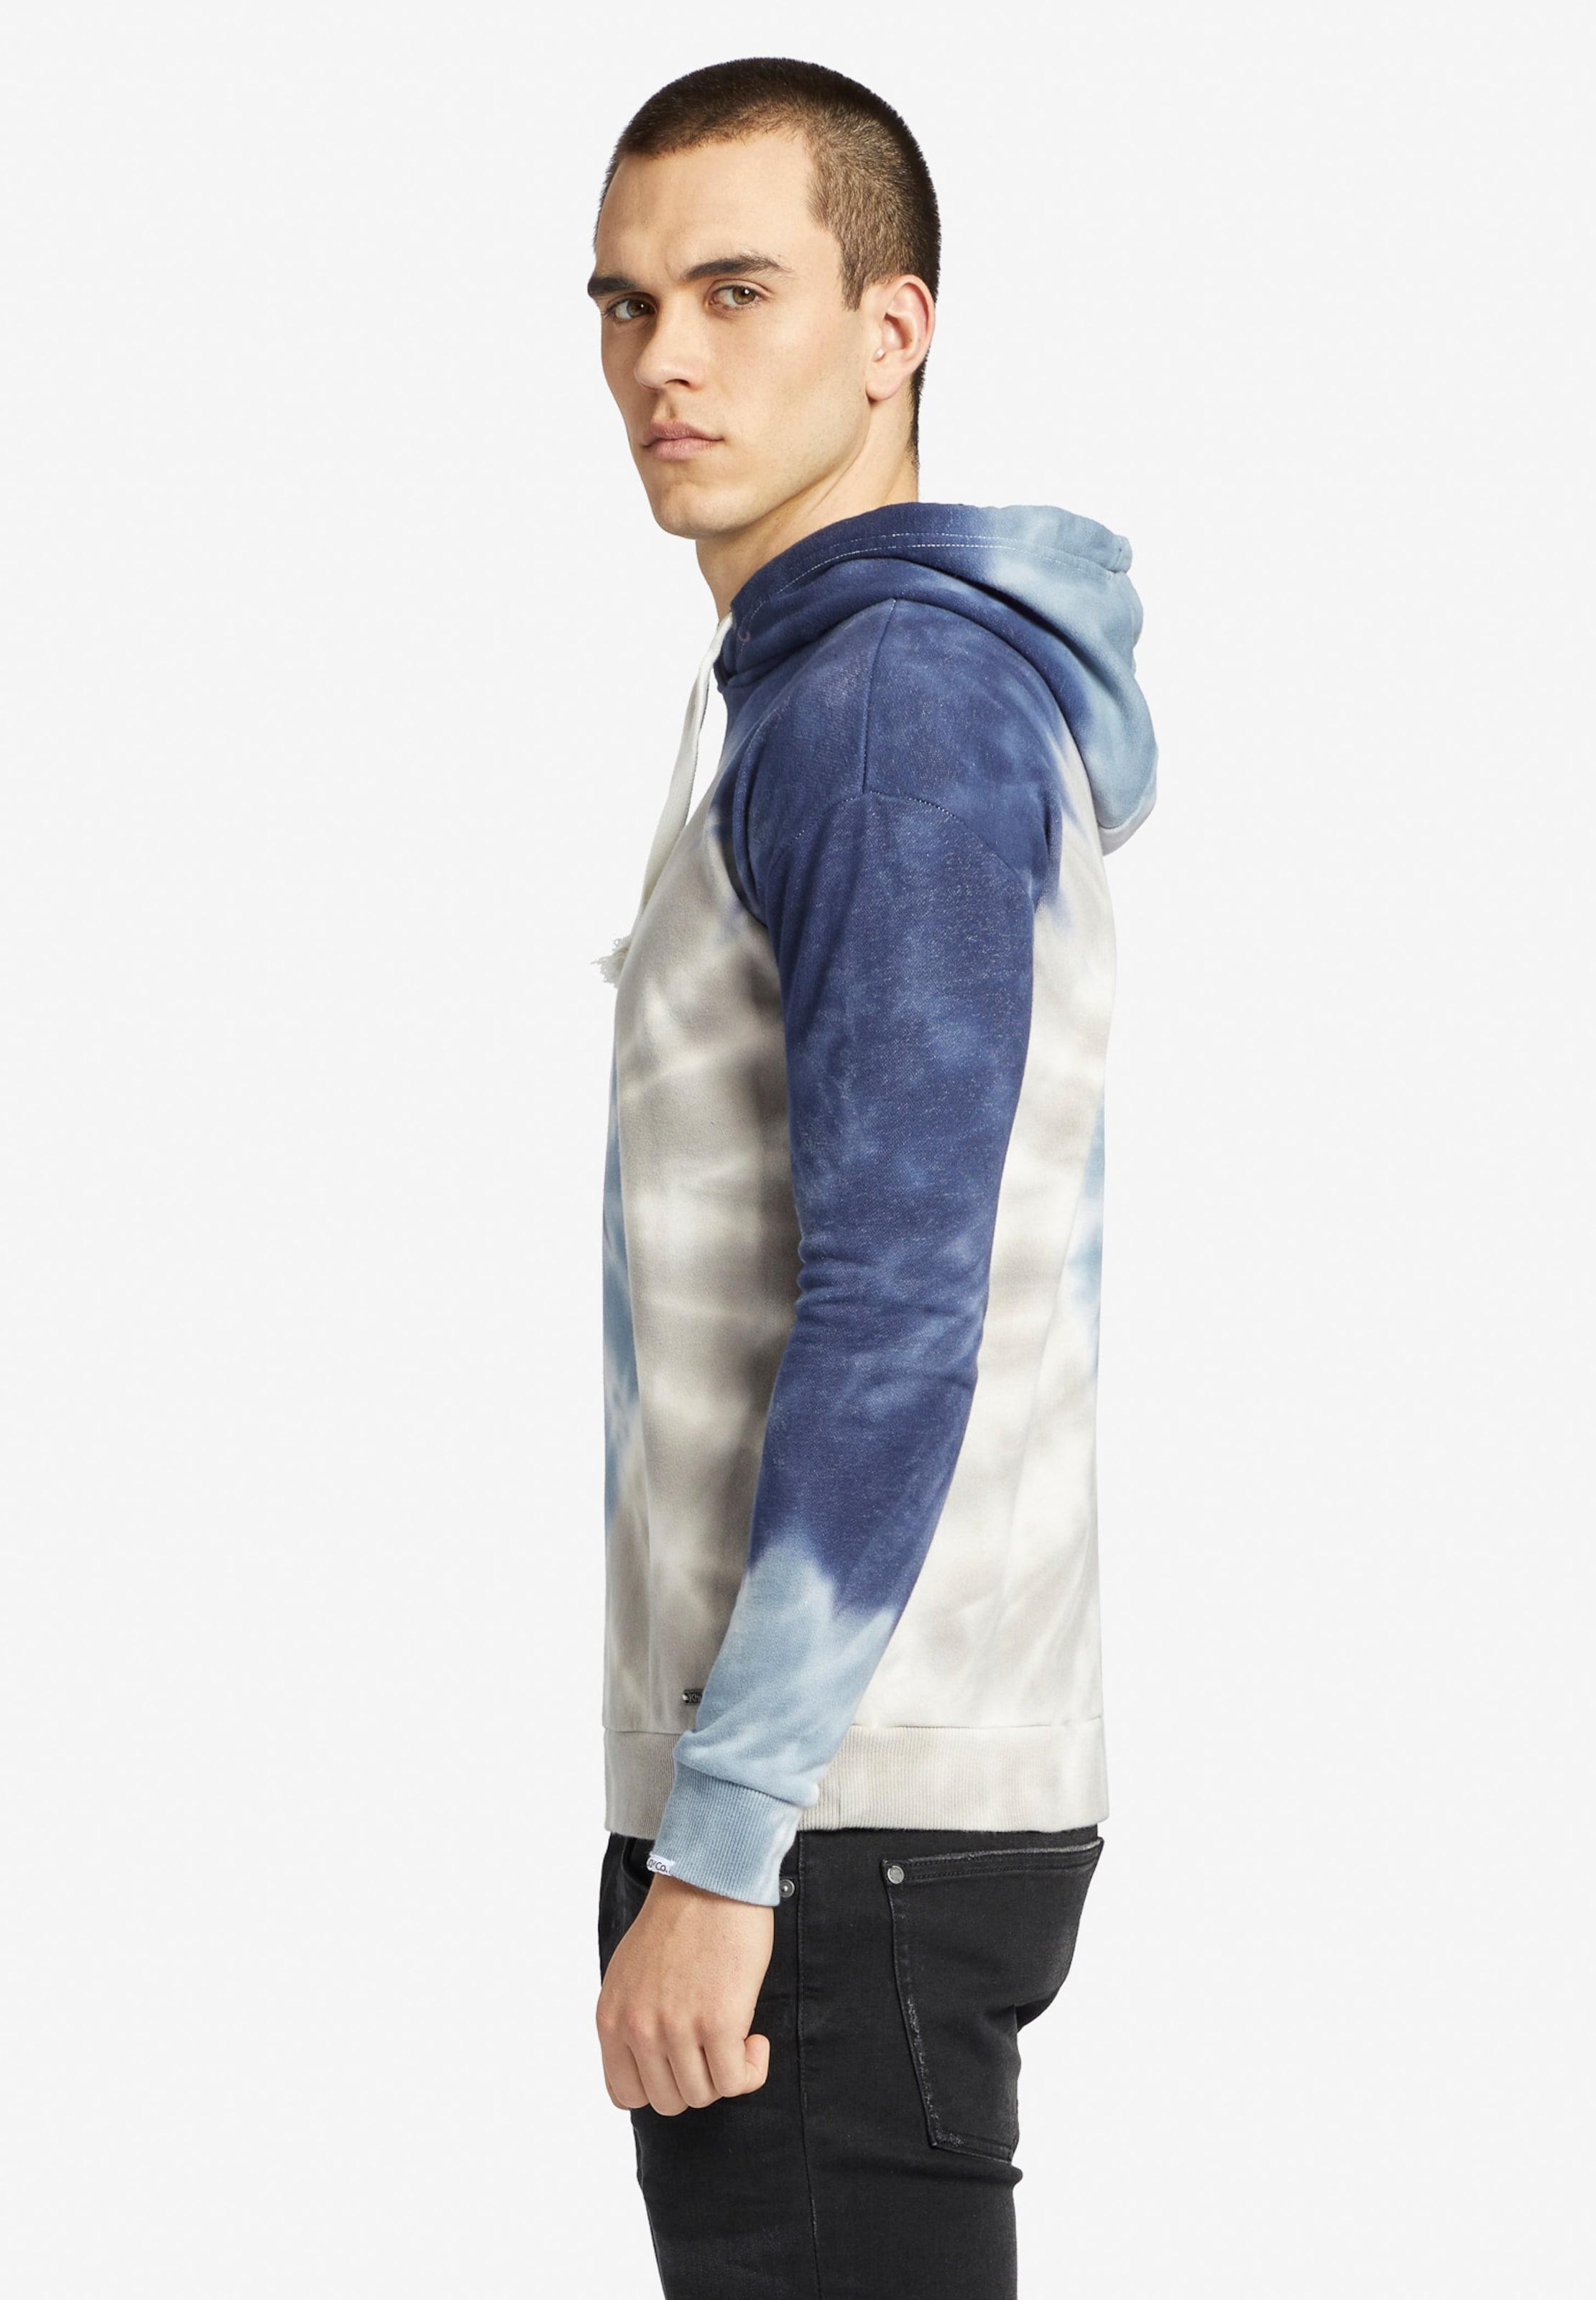 Perle FuméRoi Sweat Segal Blanc En Khujo shirt ' Bleu gbf76y